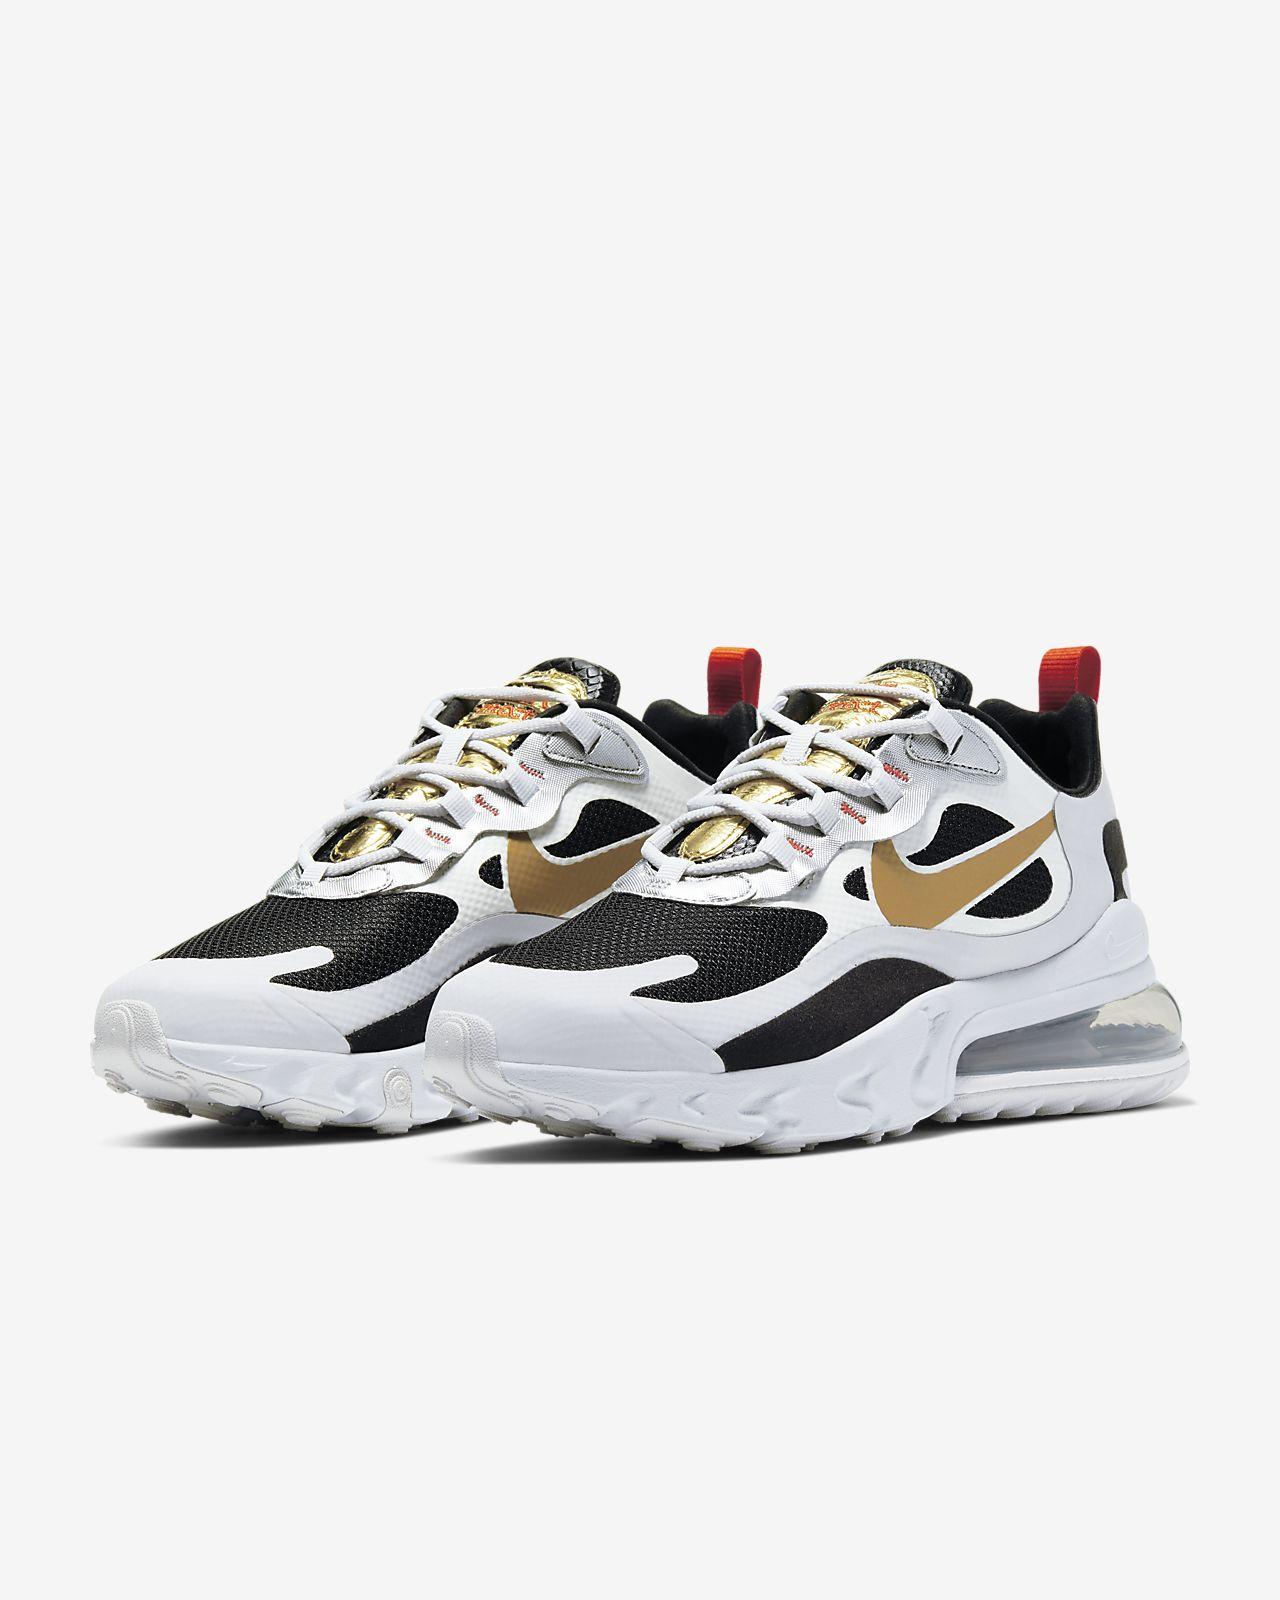 Nike Air Max 270 React Sneakers WhiteBlackMetallic Silvern